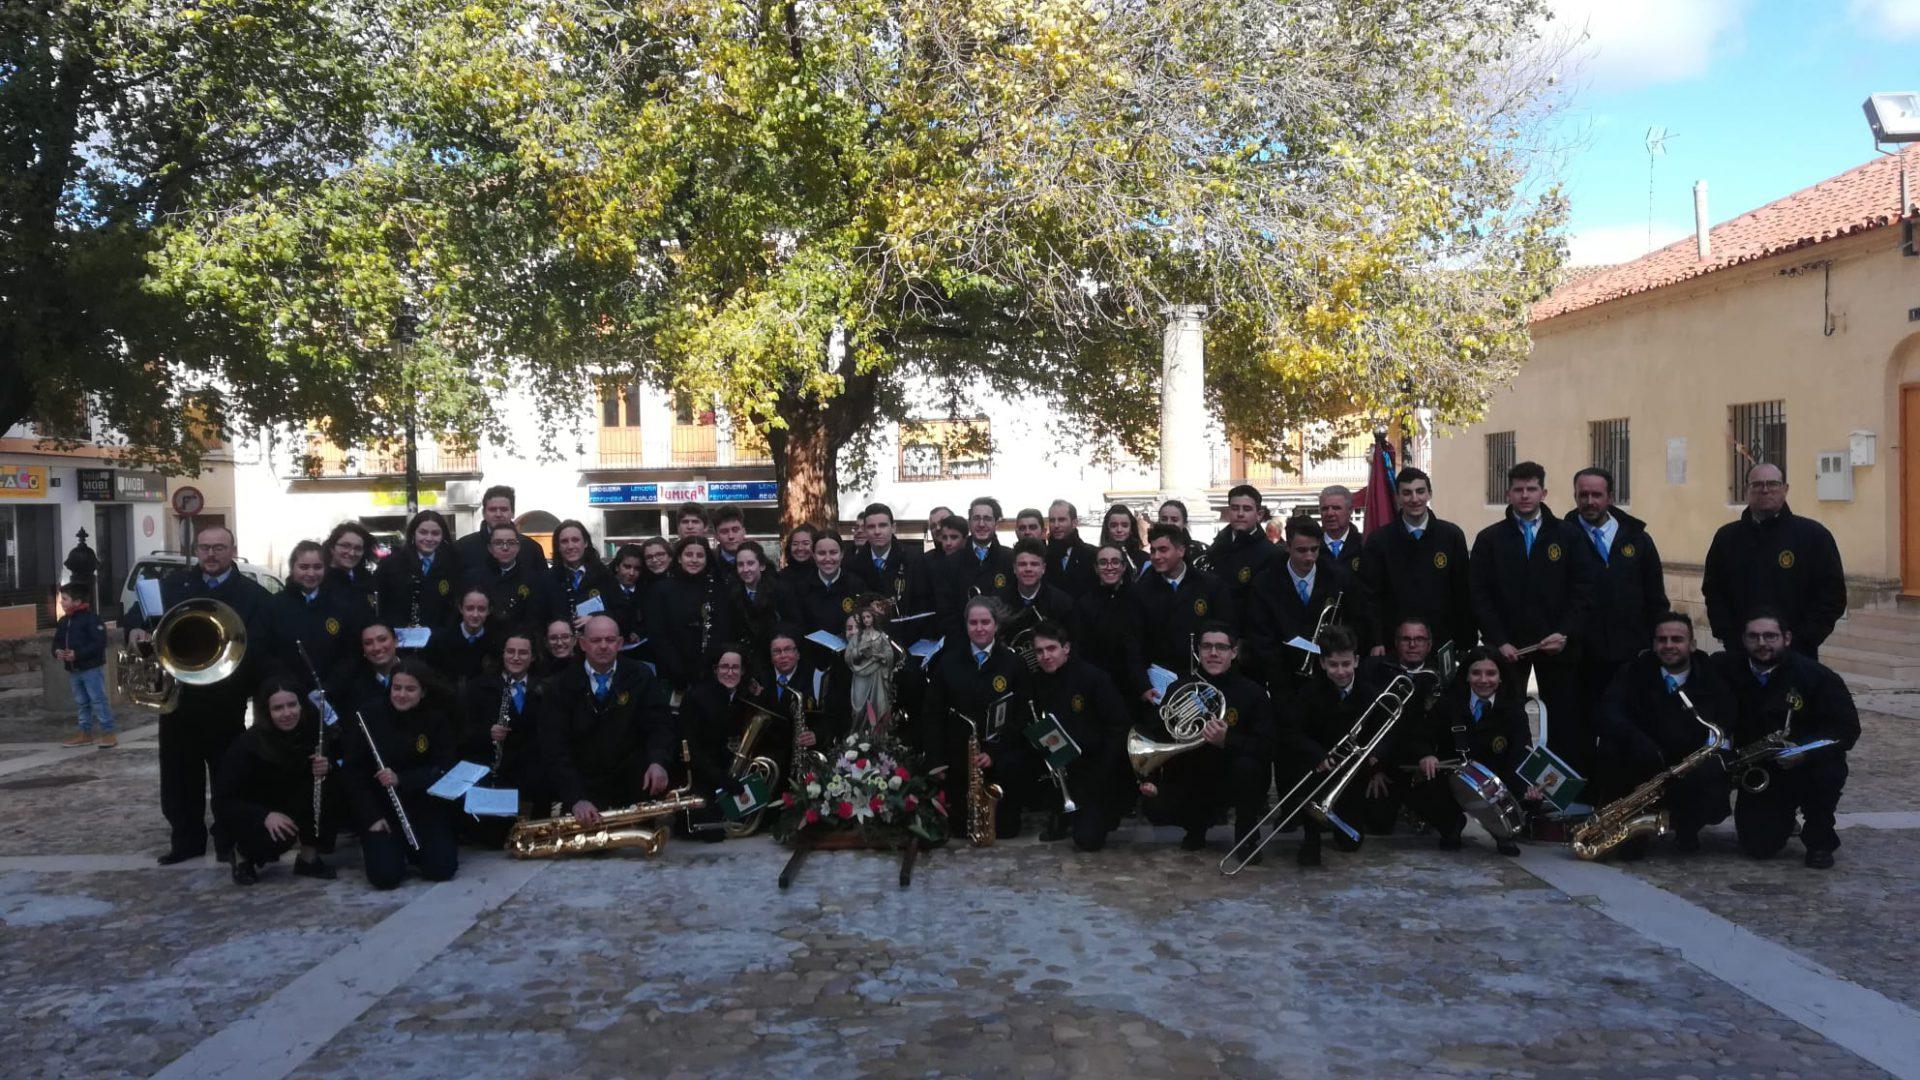 Cerca de 800 personas participan en las II Jornadas de la Música Villa de Iniesta